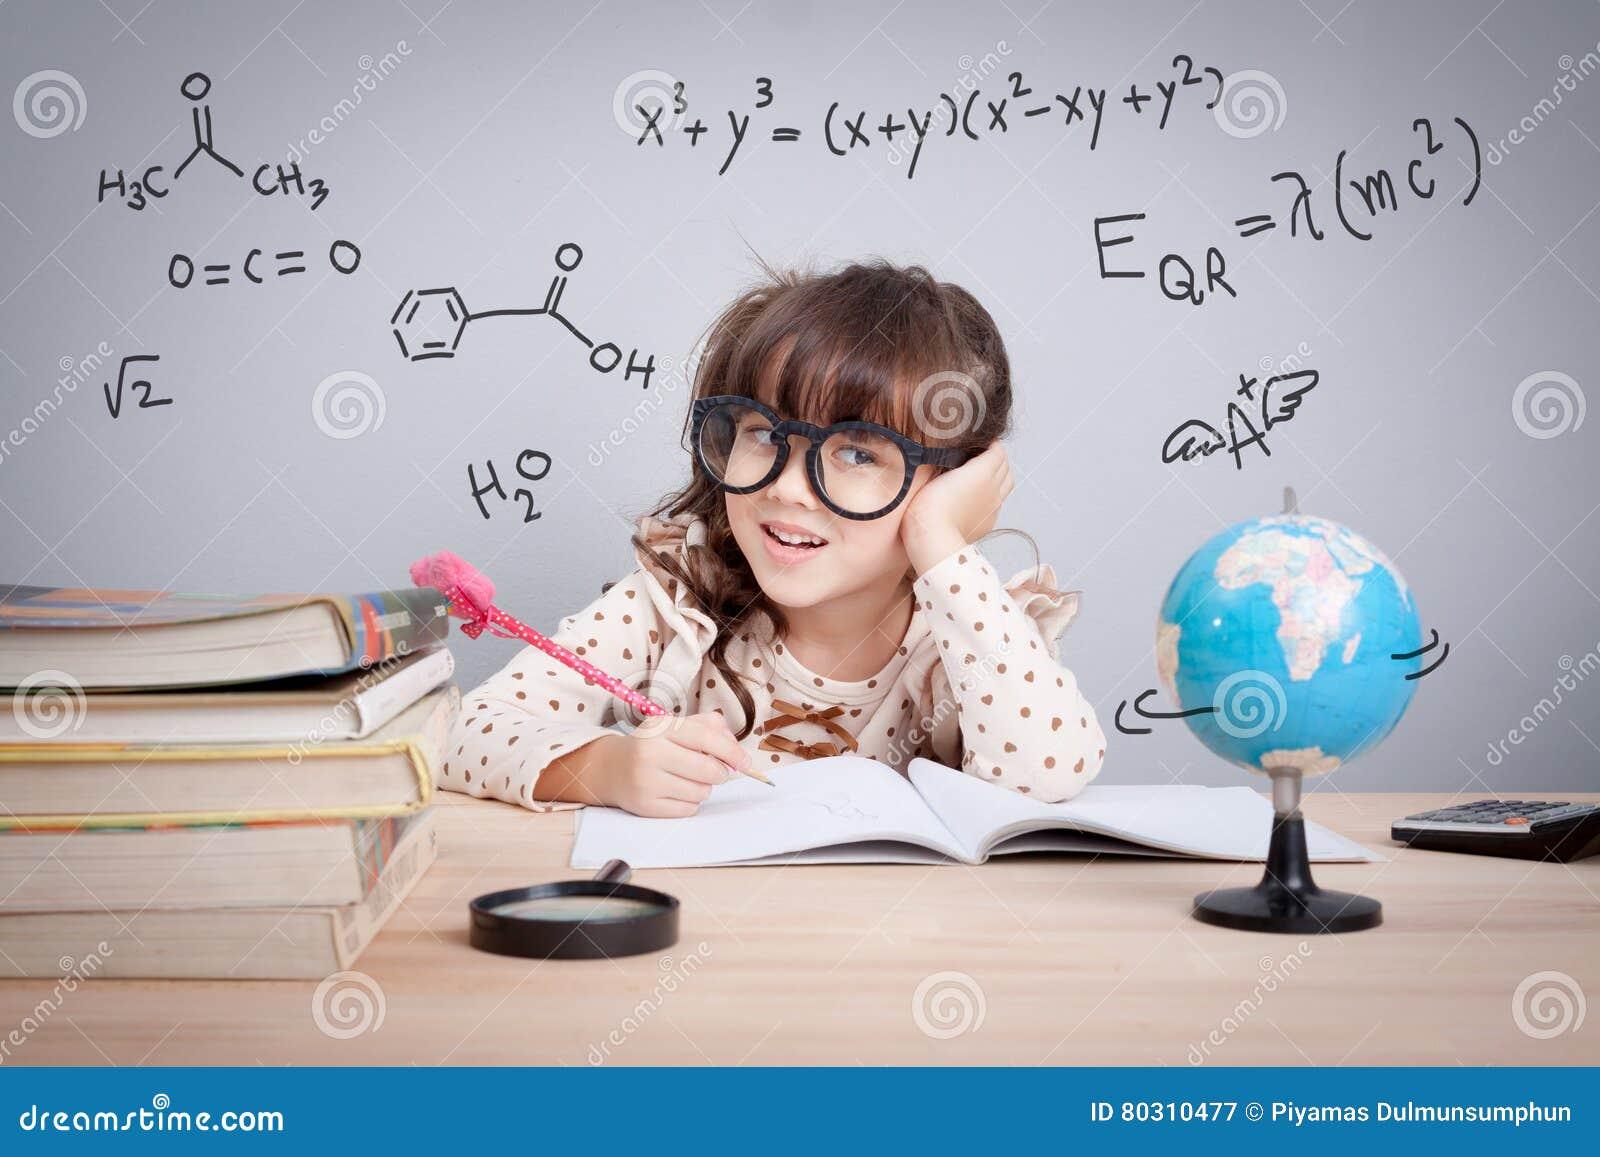 Concetto di istruzione, bambina sveglia alla scuola felice a fare h